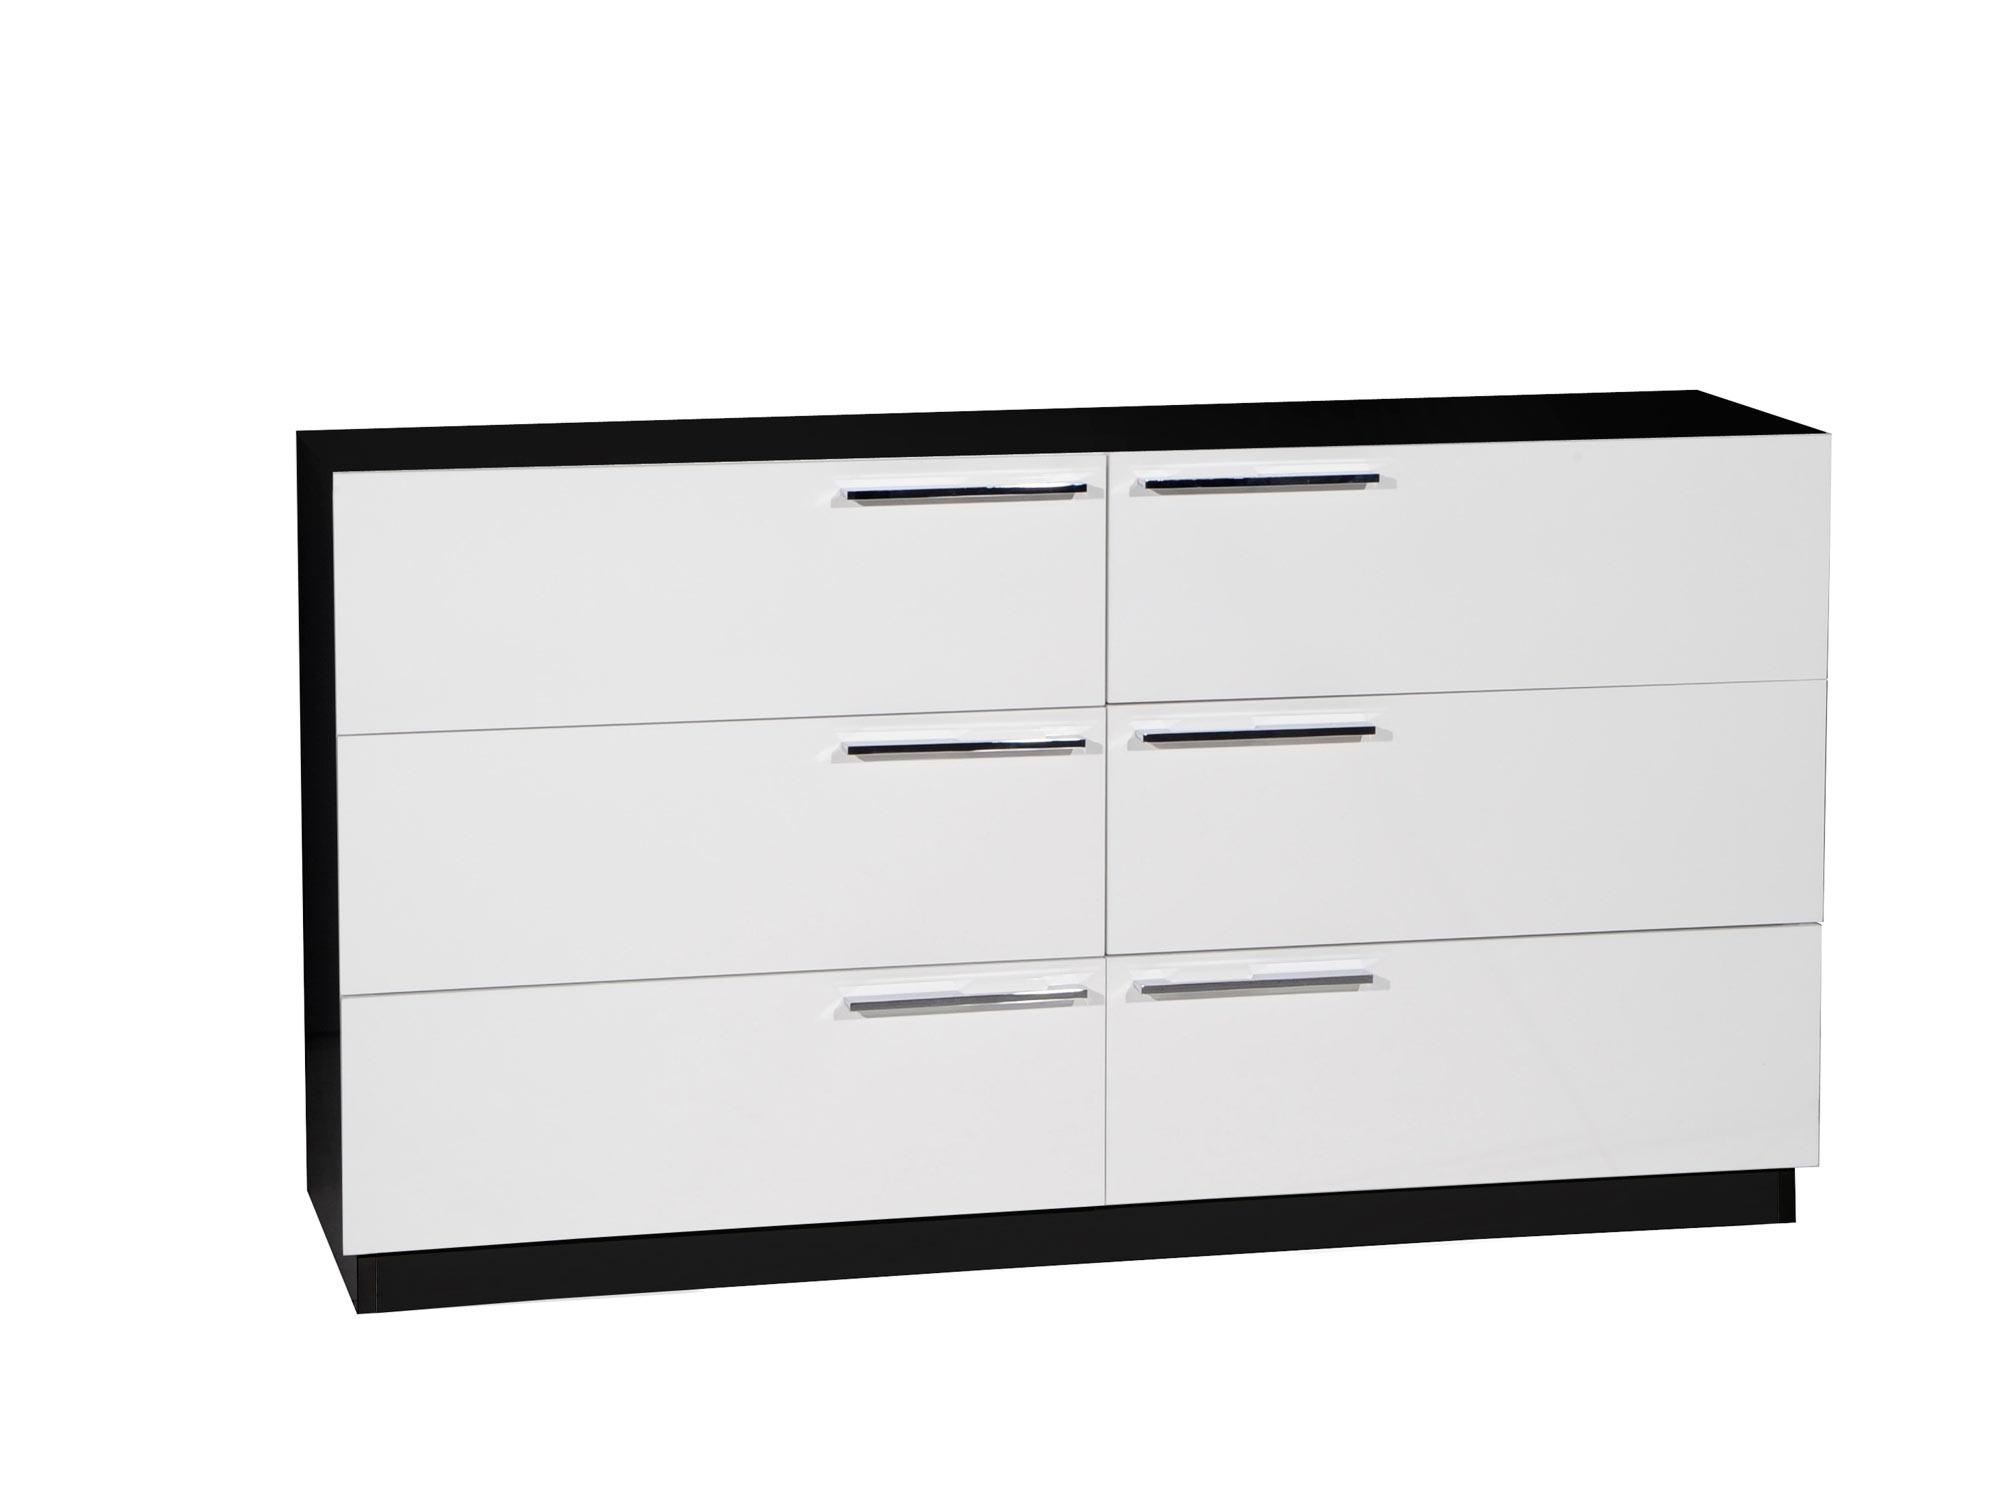 commode 6 tiroirs scoop blanc et noir anniversaire 40 ans acheter ce produit au meilleur. Black Bedroom Furniture Sets. Home Design Ideas